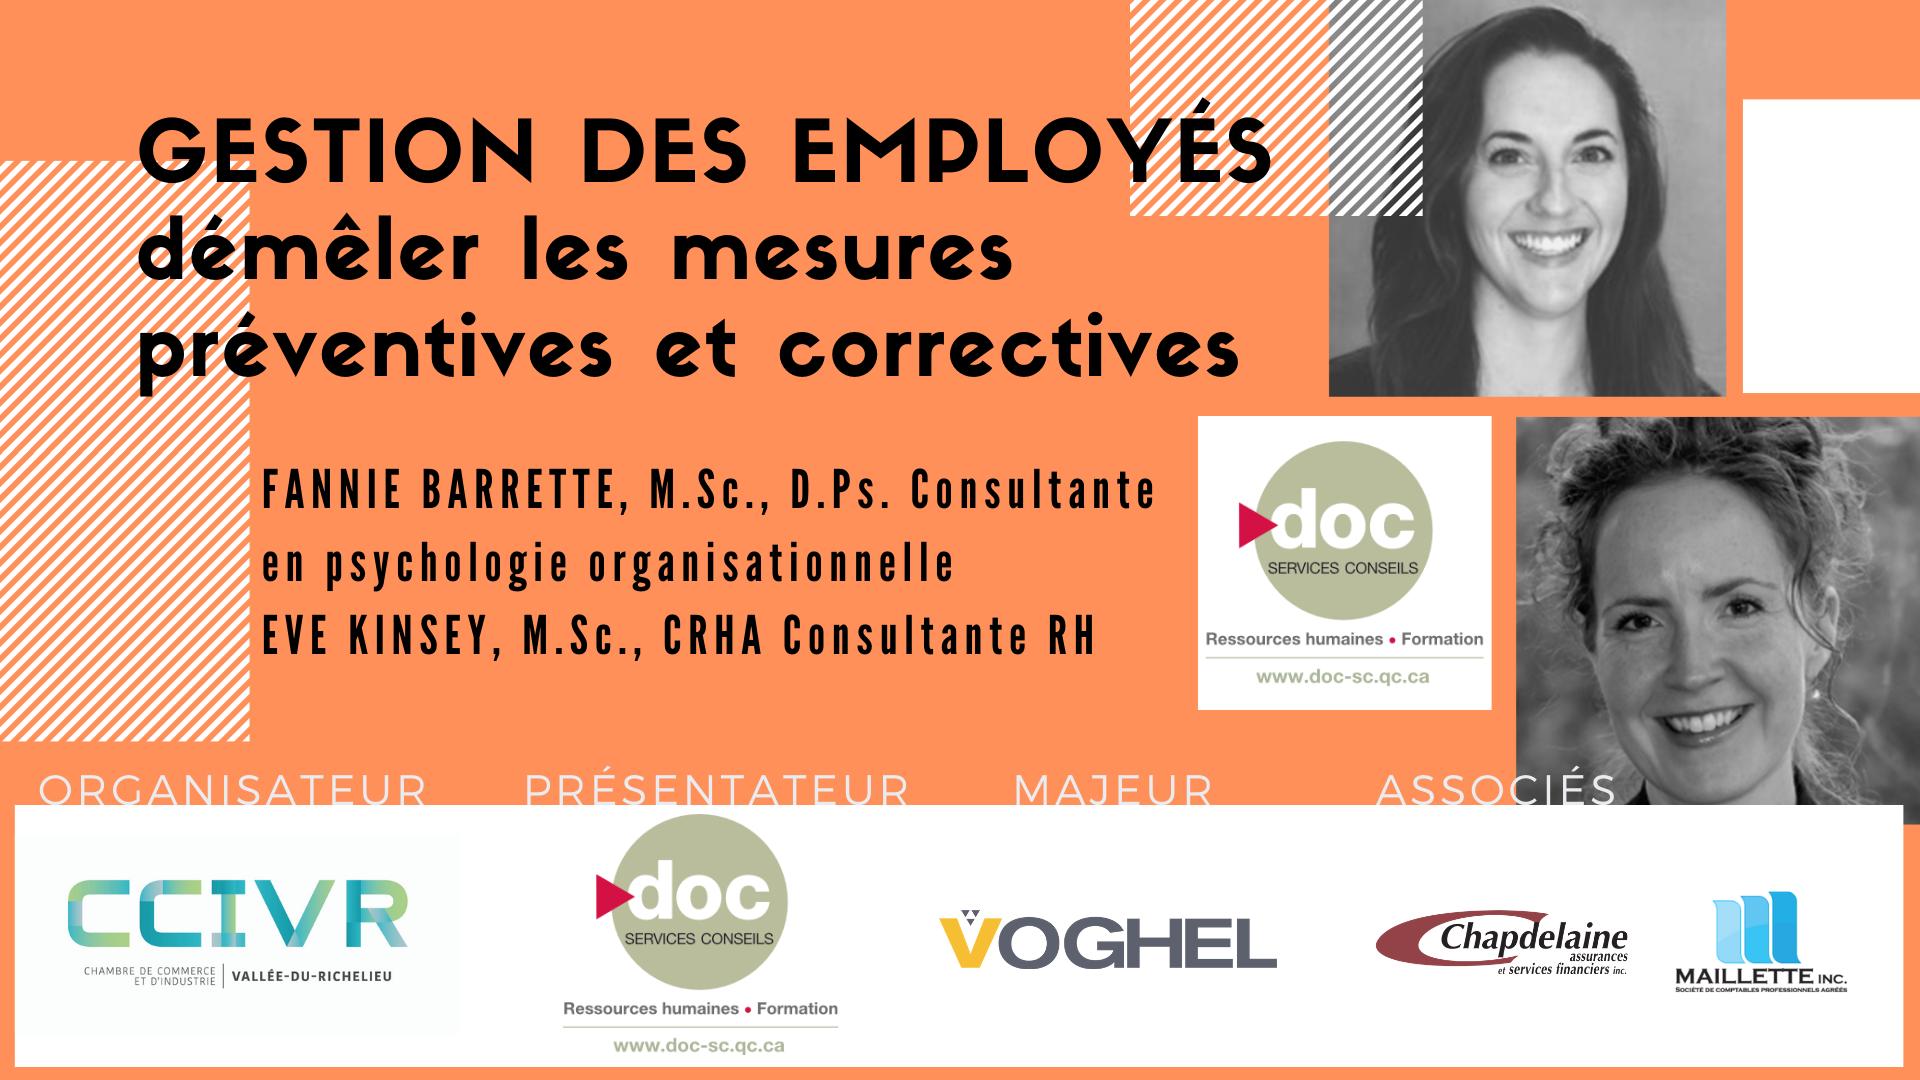 Gestion des employés : démêler les mesures préventive et correctives